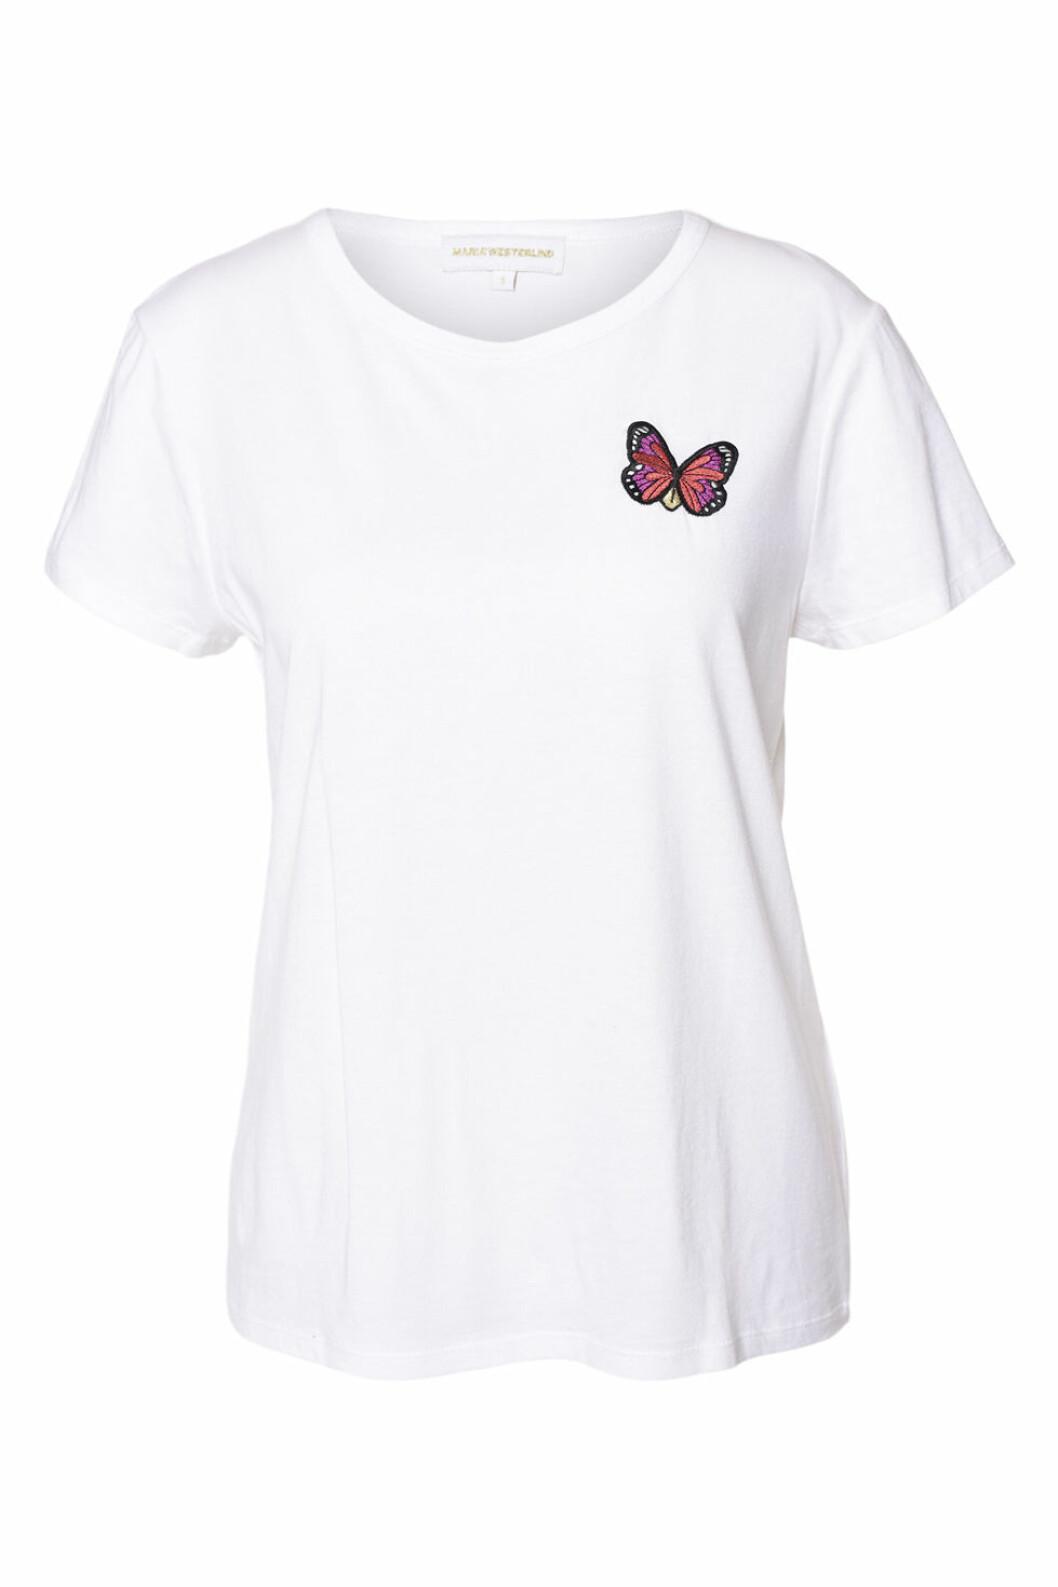 Maria Westerlind x MQ vit t-shirt